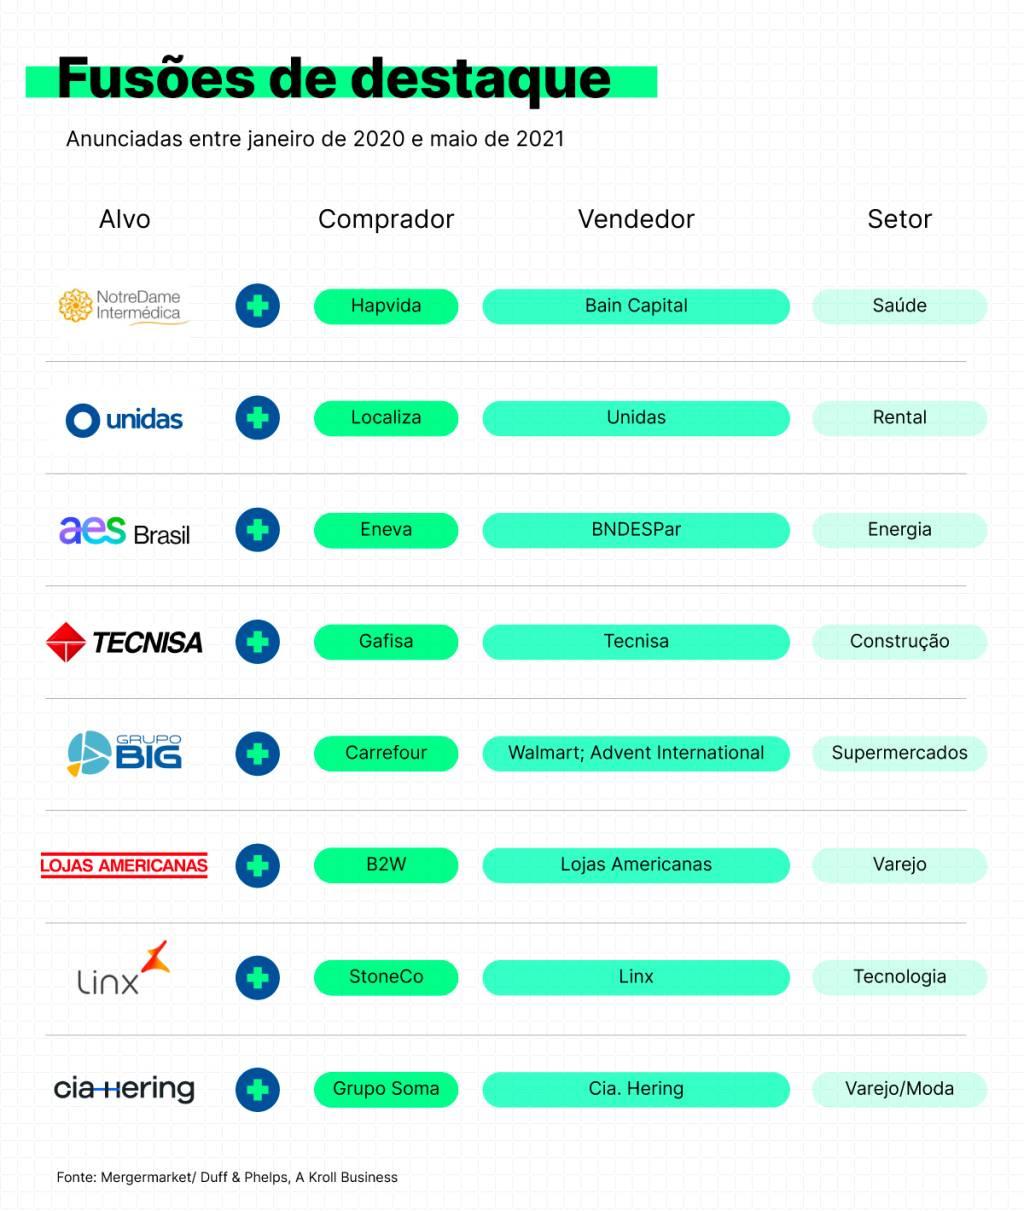 Principais fusões realizadas em 2020 e 2021